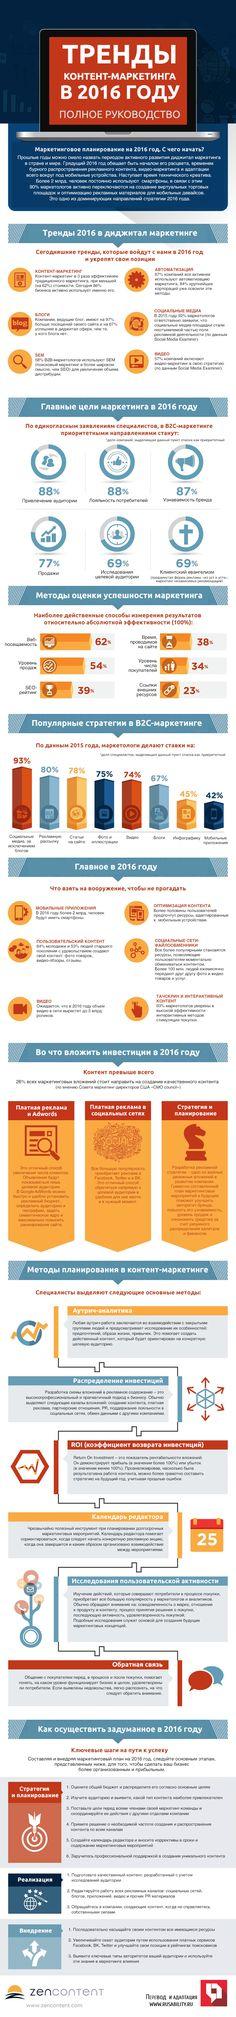 контент-маркетинг, тренды2016, инфографика, стратегия, планирование